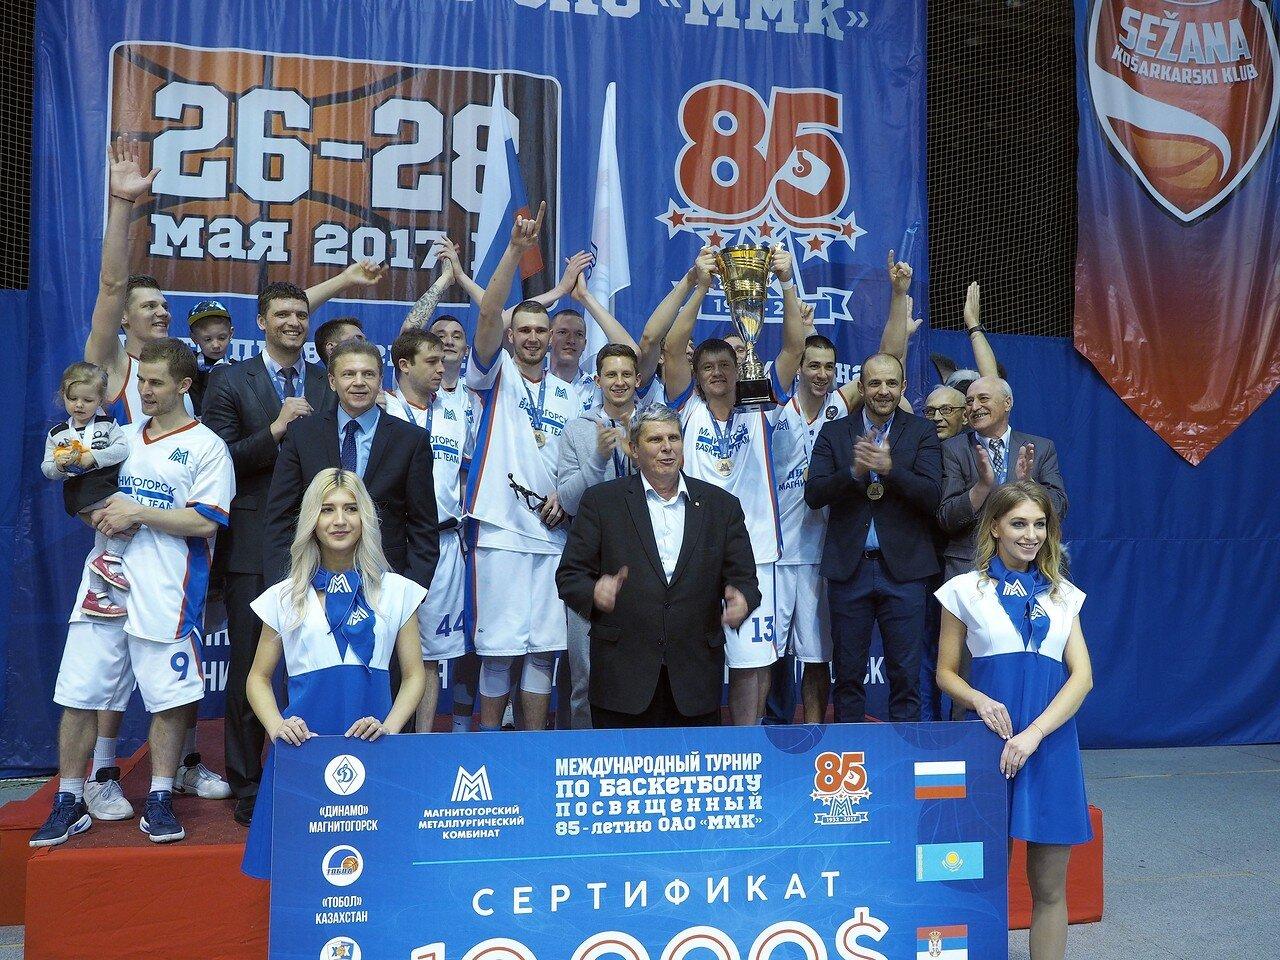 127 Младост - Динамо 28.05.2017